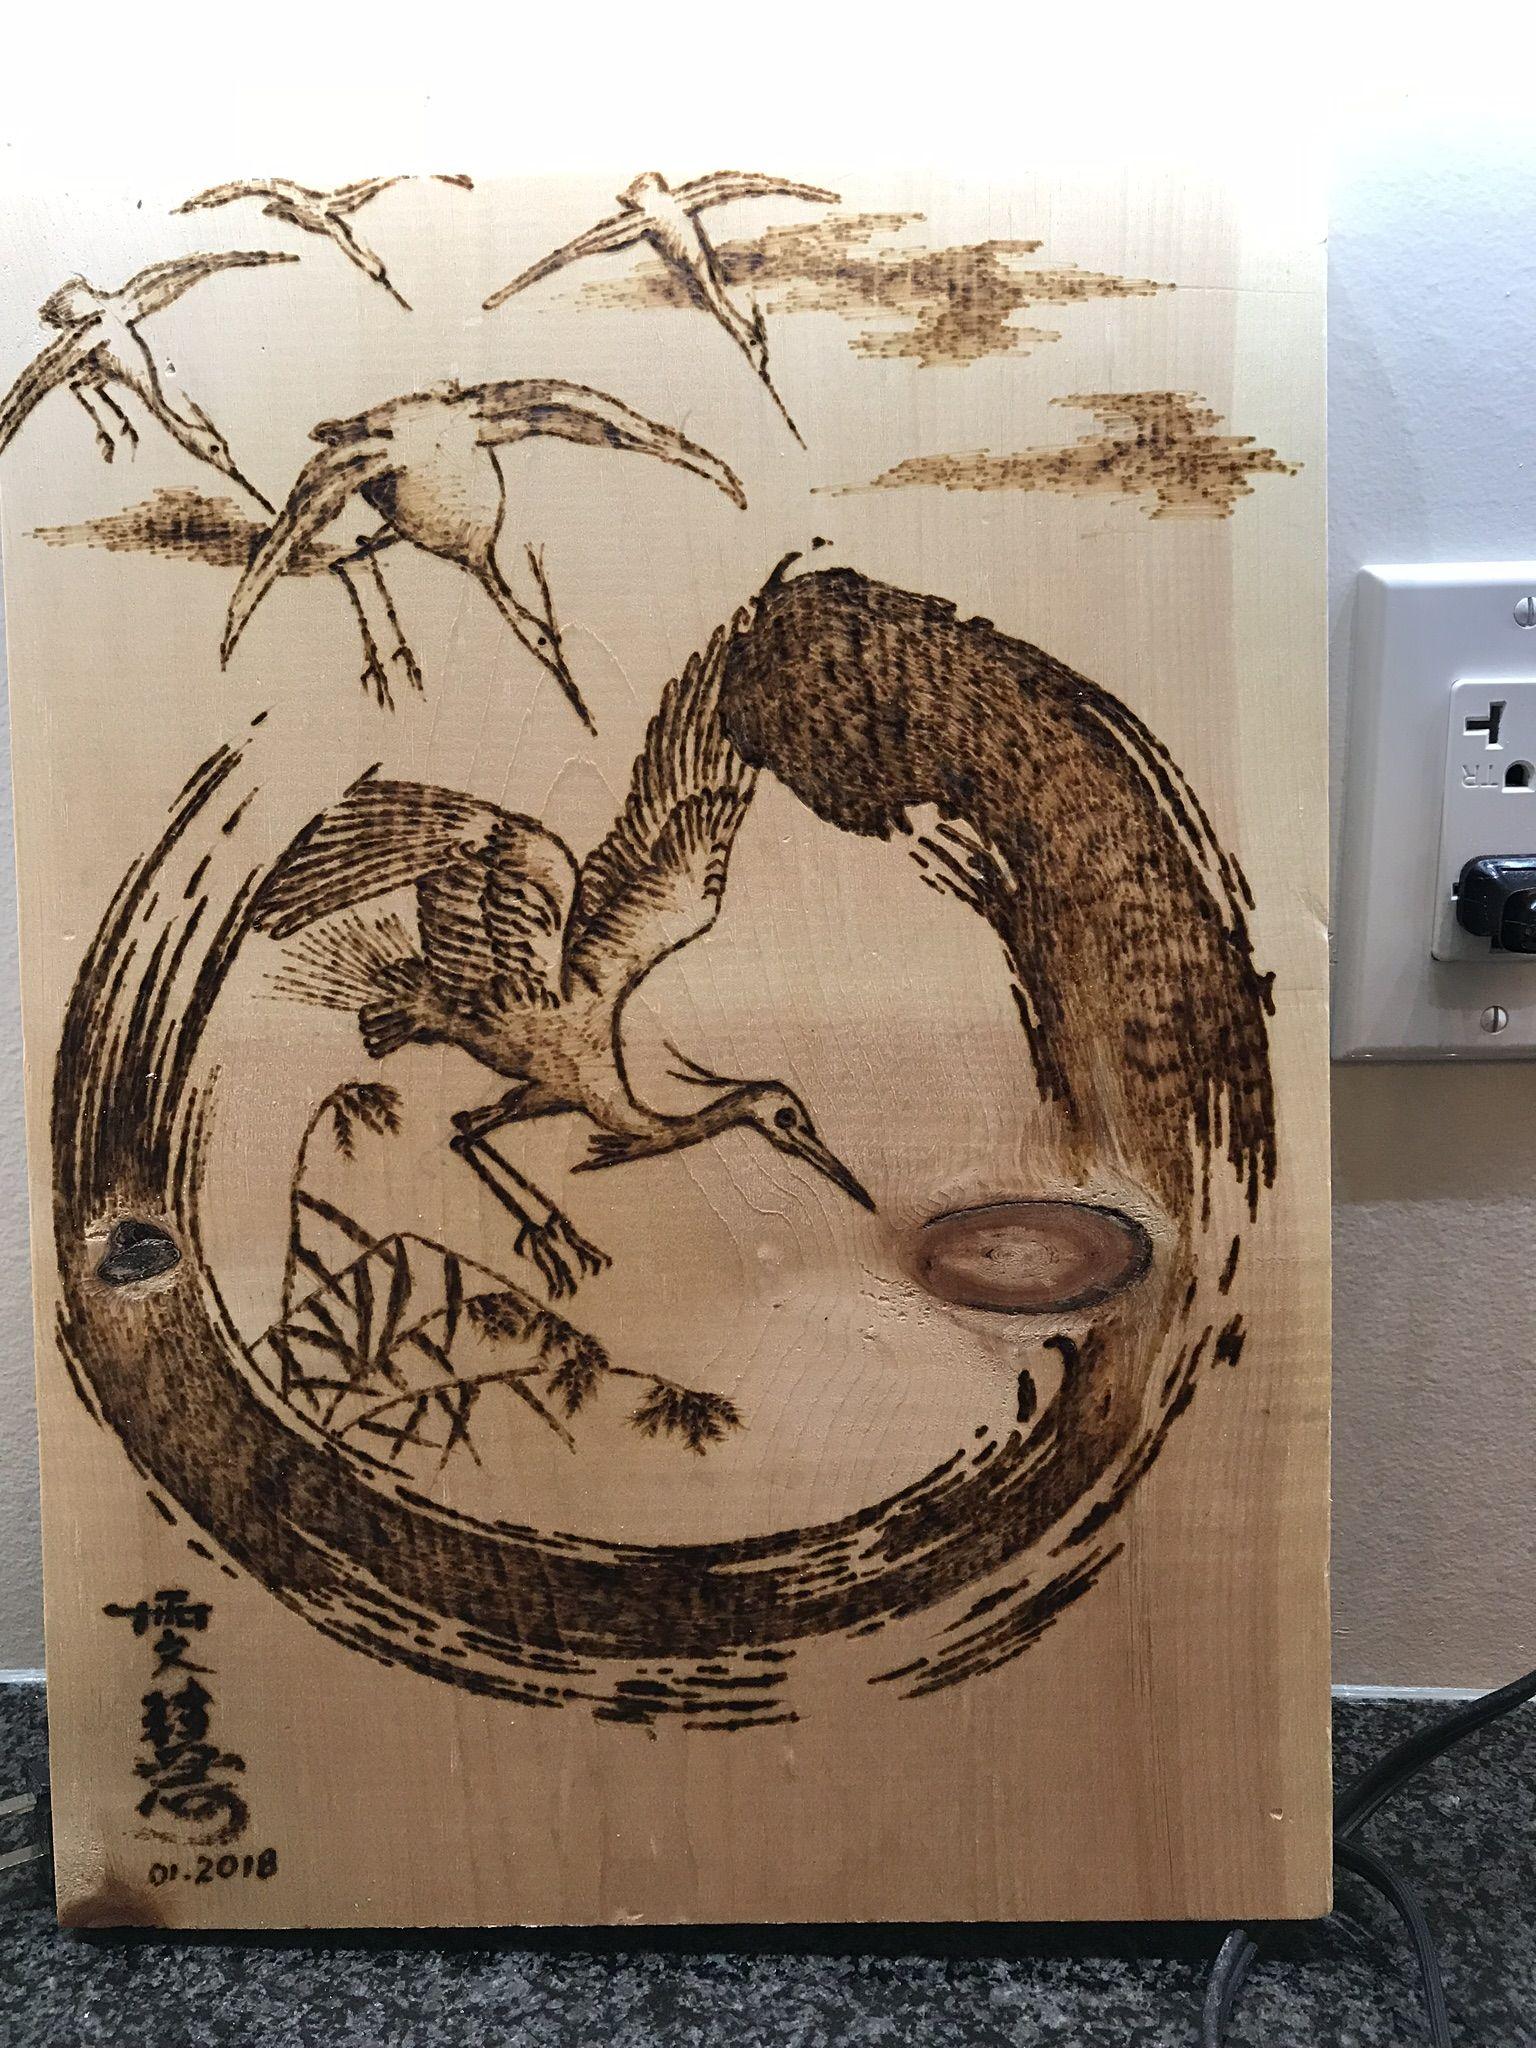 Birds Come back to zen wood burning Zen Pinterest Wood